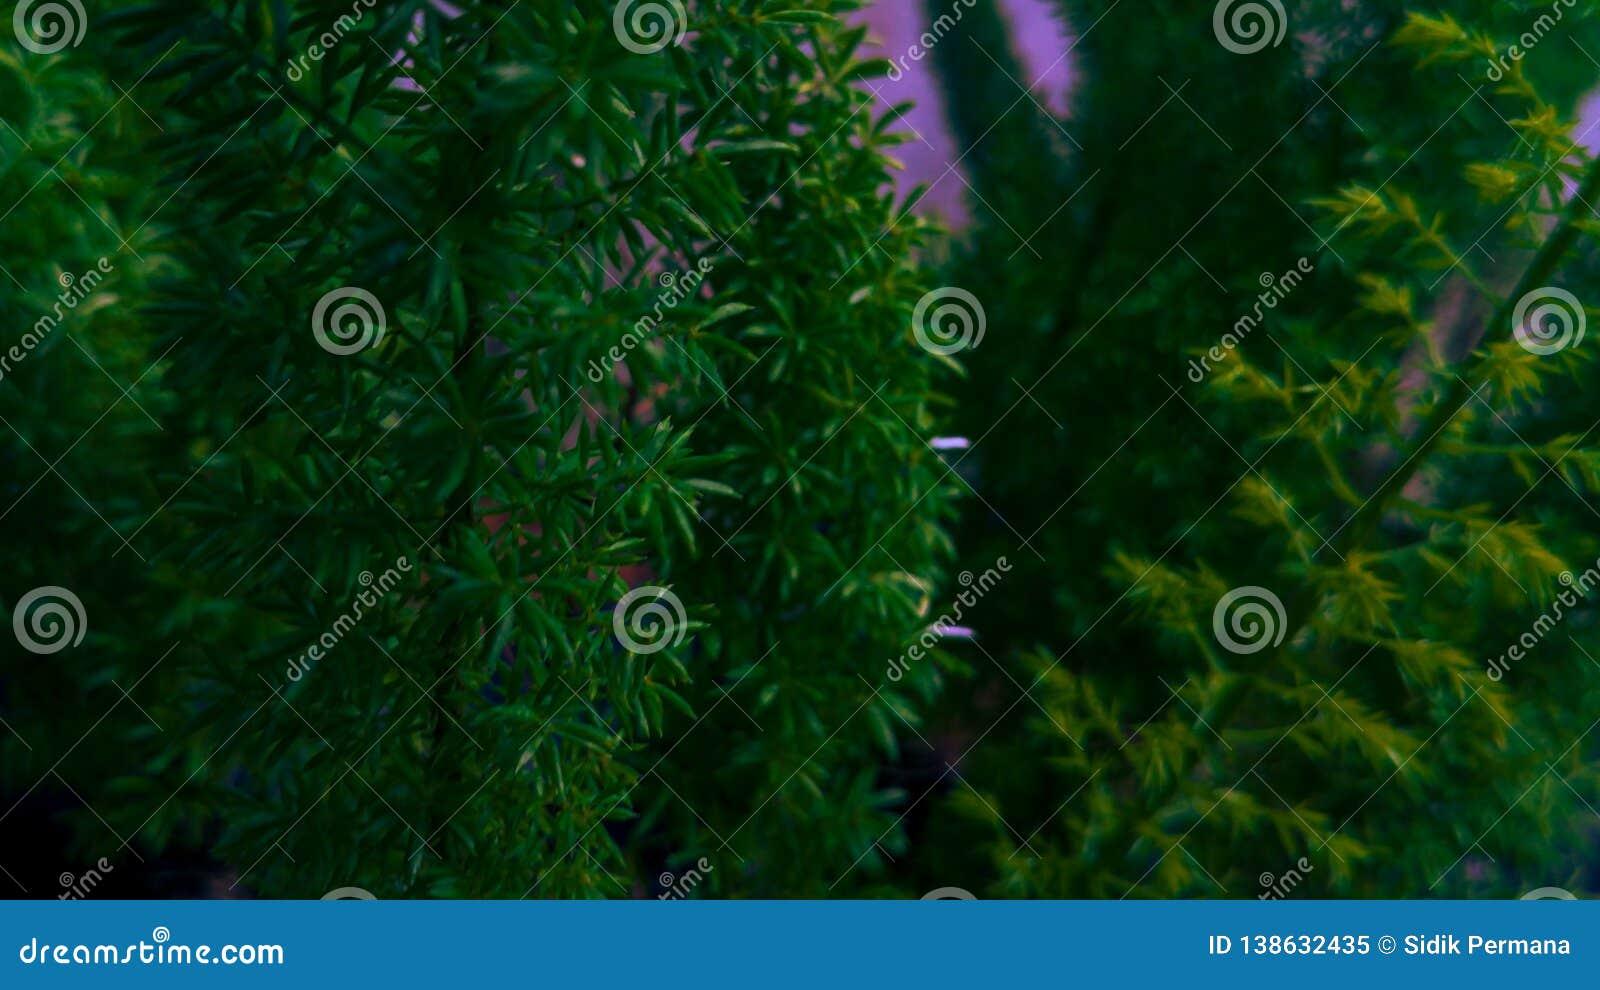 Саранча или кузнечик на зеленых листьях